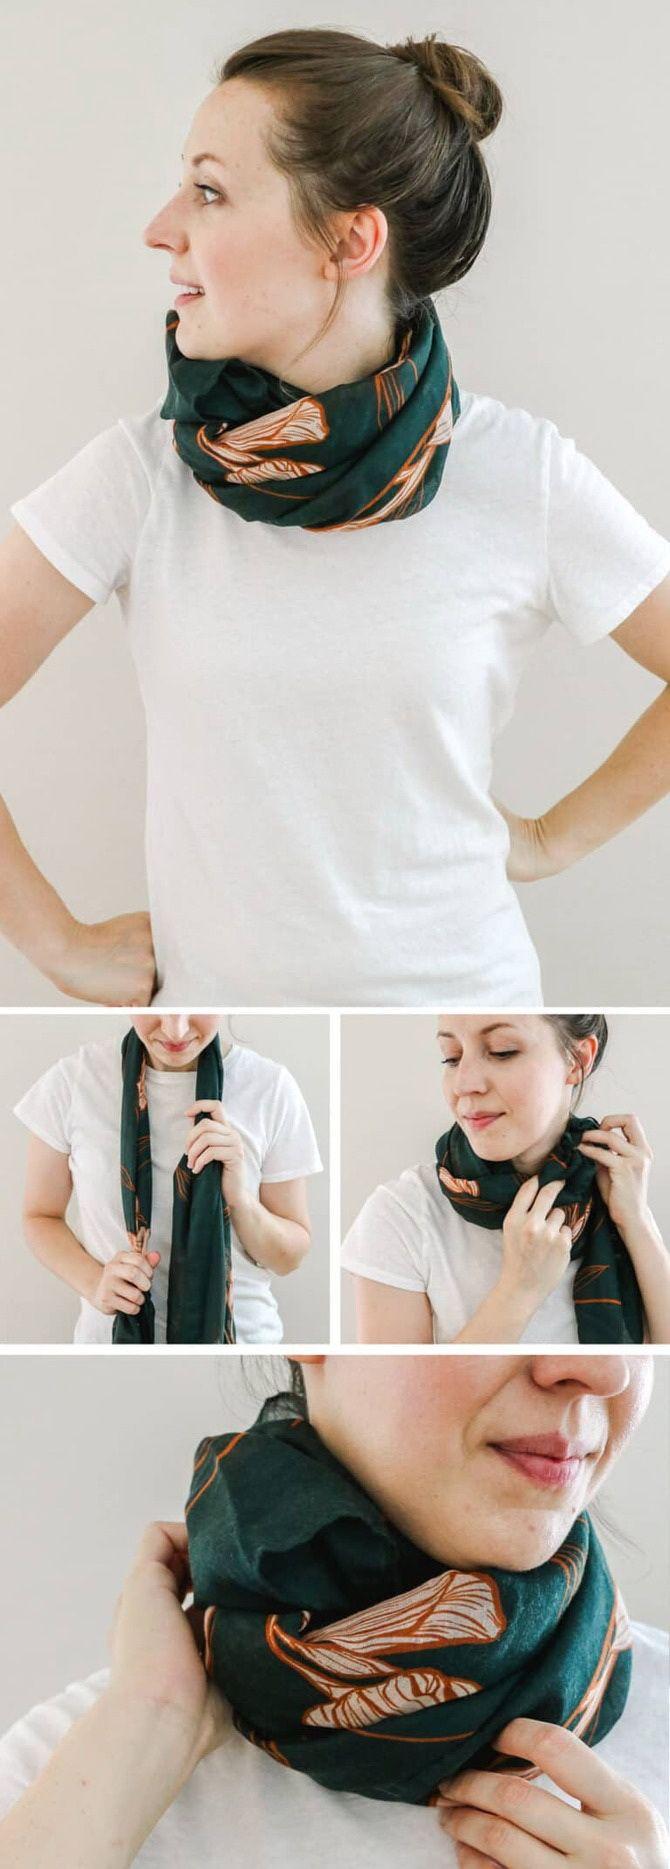 Как красиво завязать шарф: 19 лучших способов 12